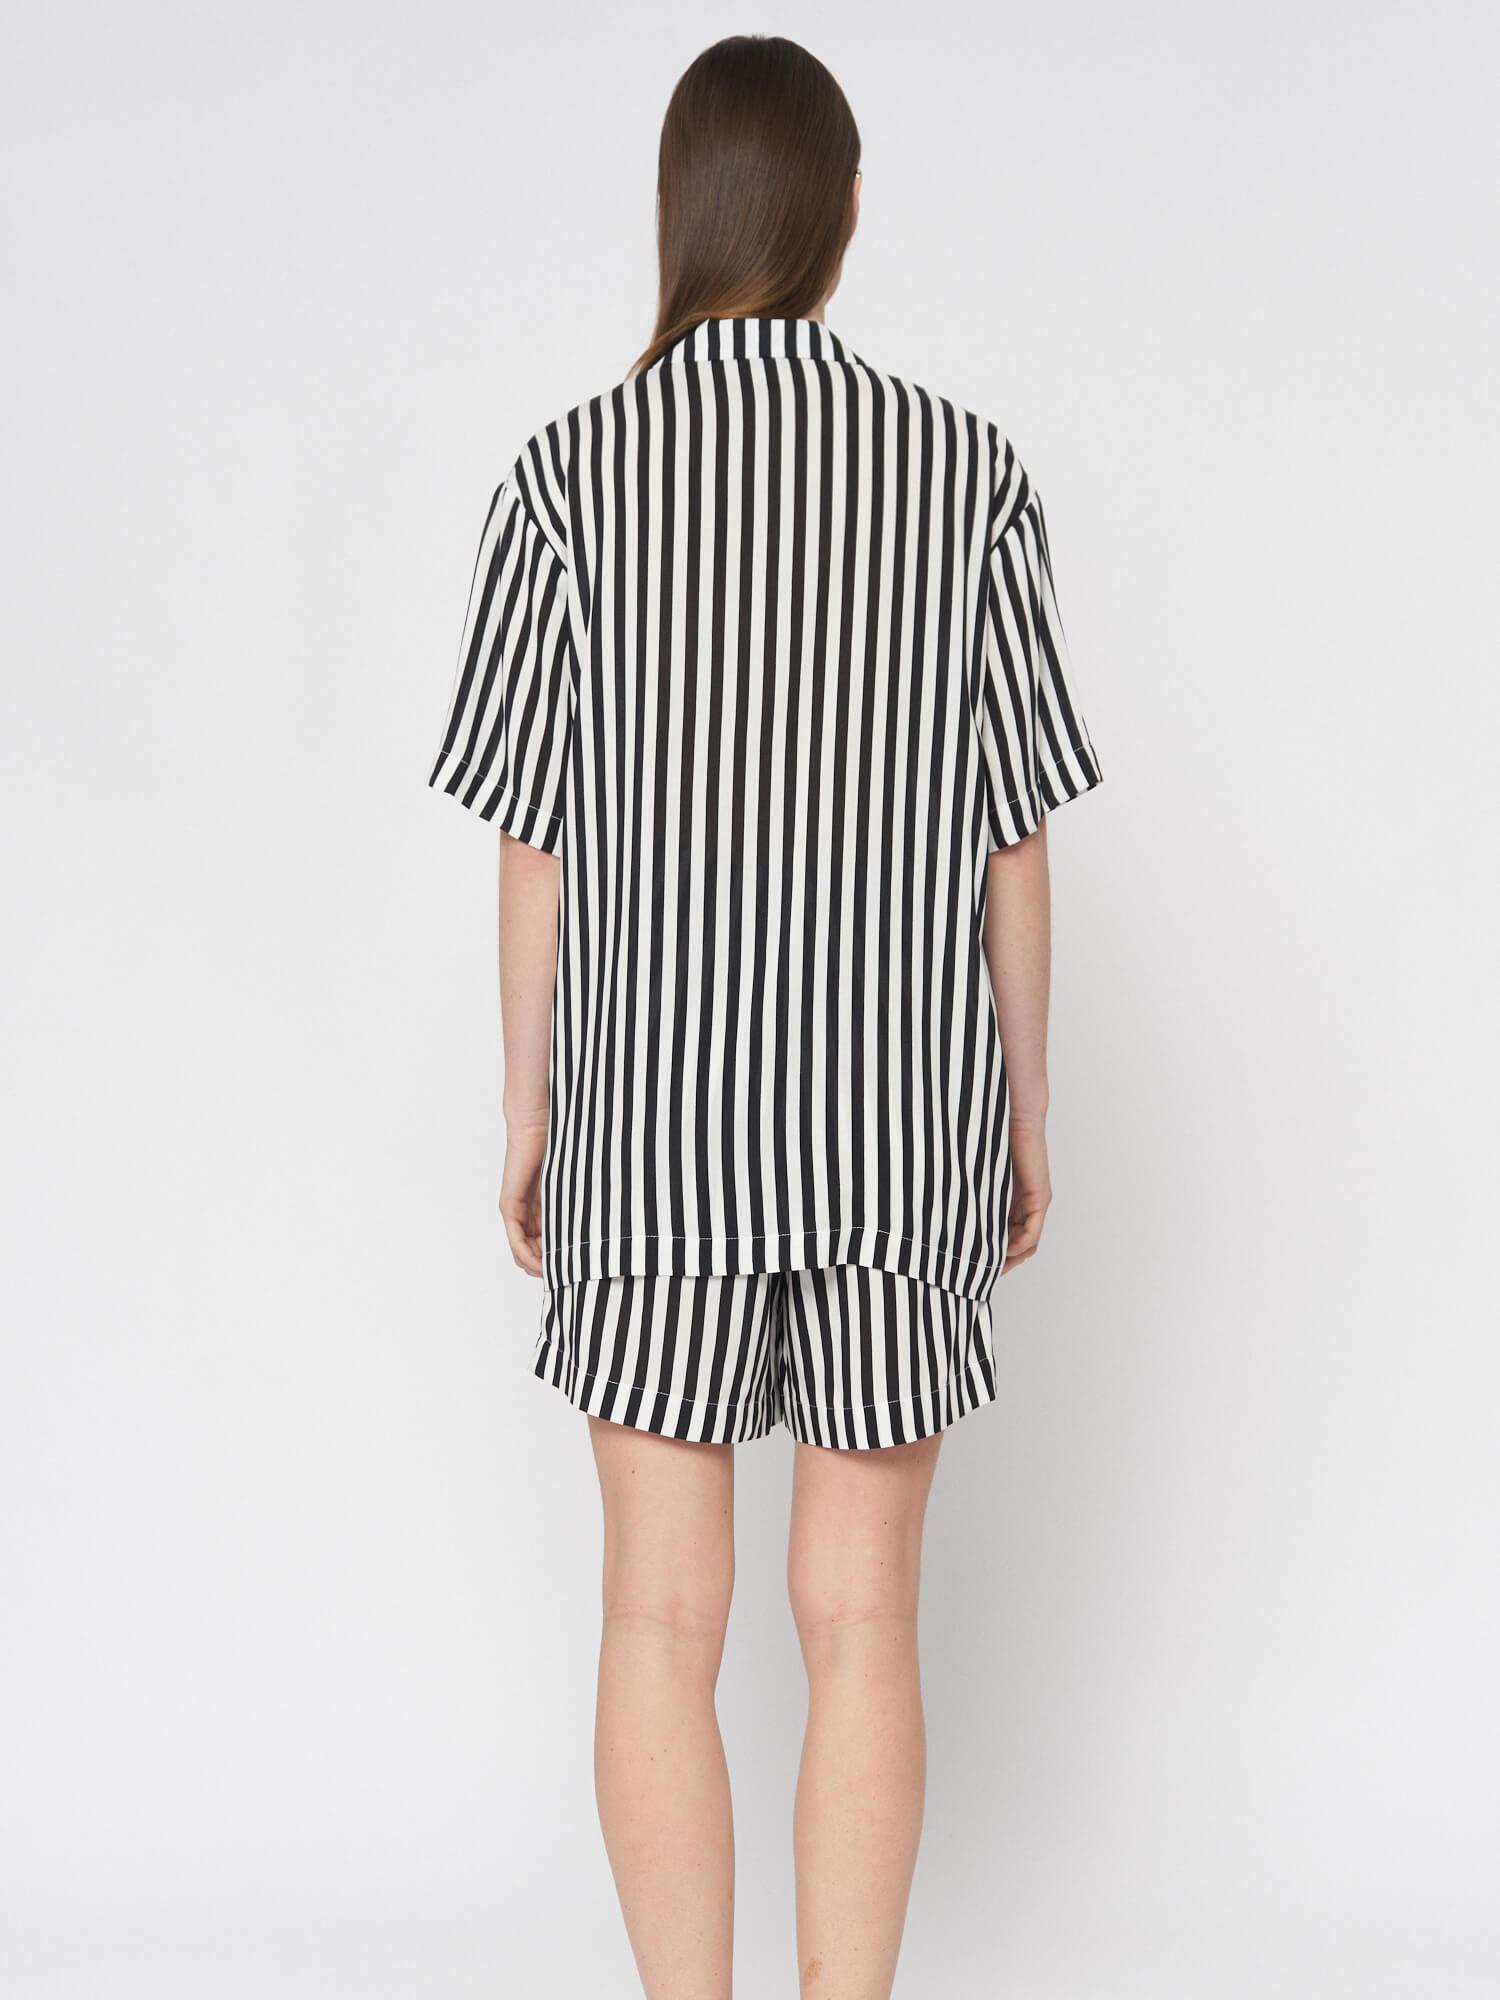 Рубашка в полоску Lexi в пижамном стиле, Черный